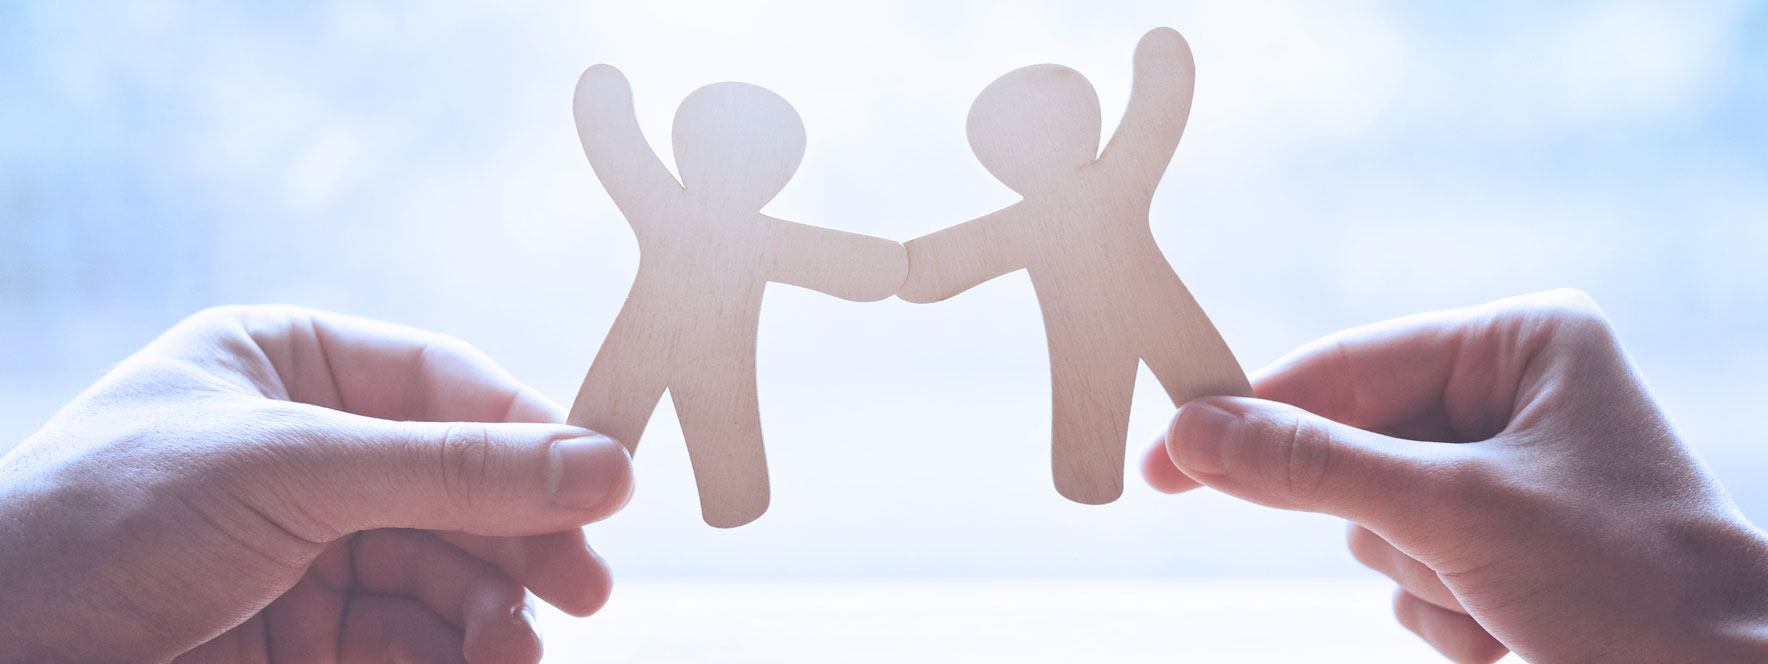 La relation d'aide en massothérapie - Blogue du Réseau